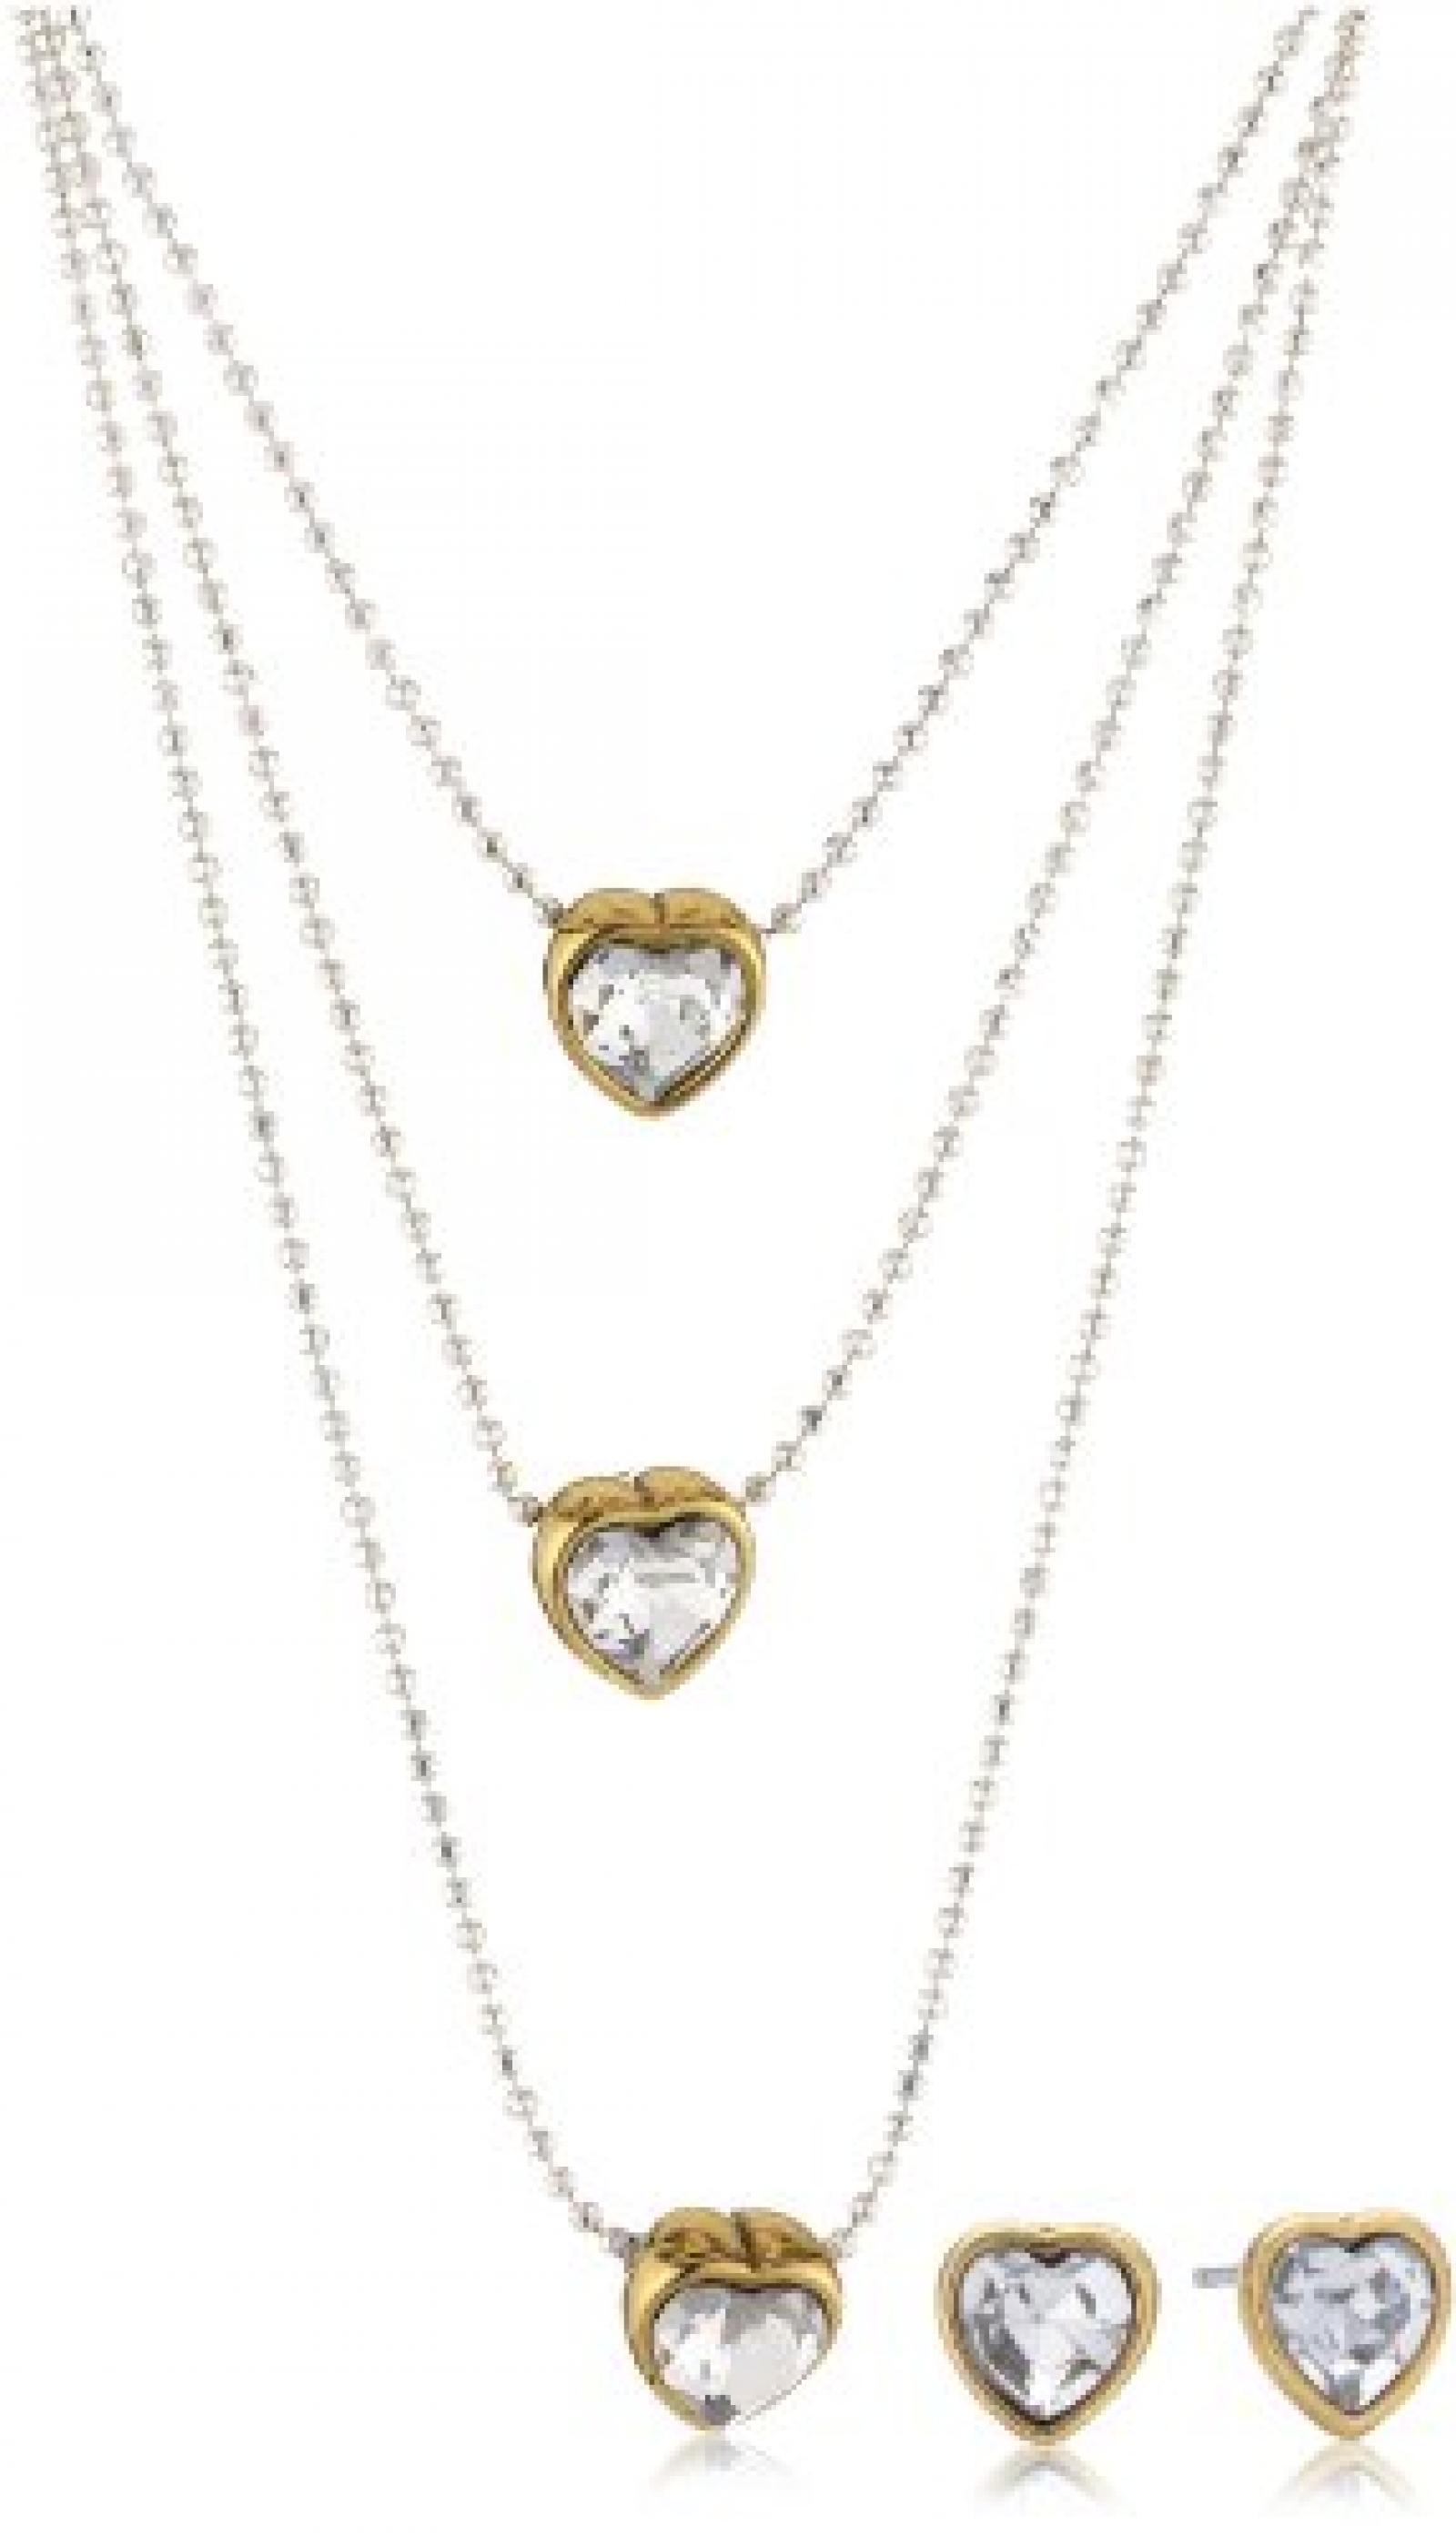 Pilgrim Jewelry Damen-Set: Halskette + Ohrringe Messing Kristall Valentine Schmuck Set weiß 901416019